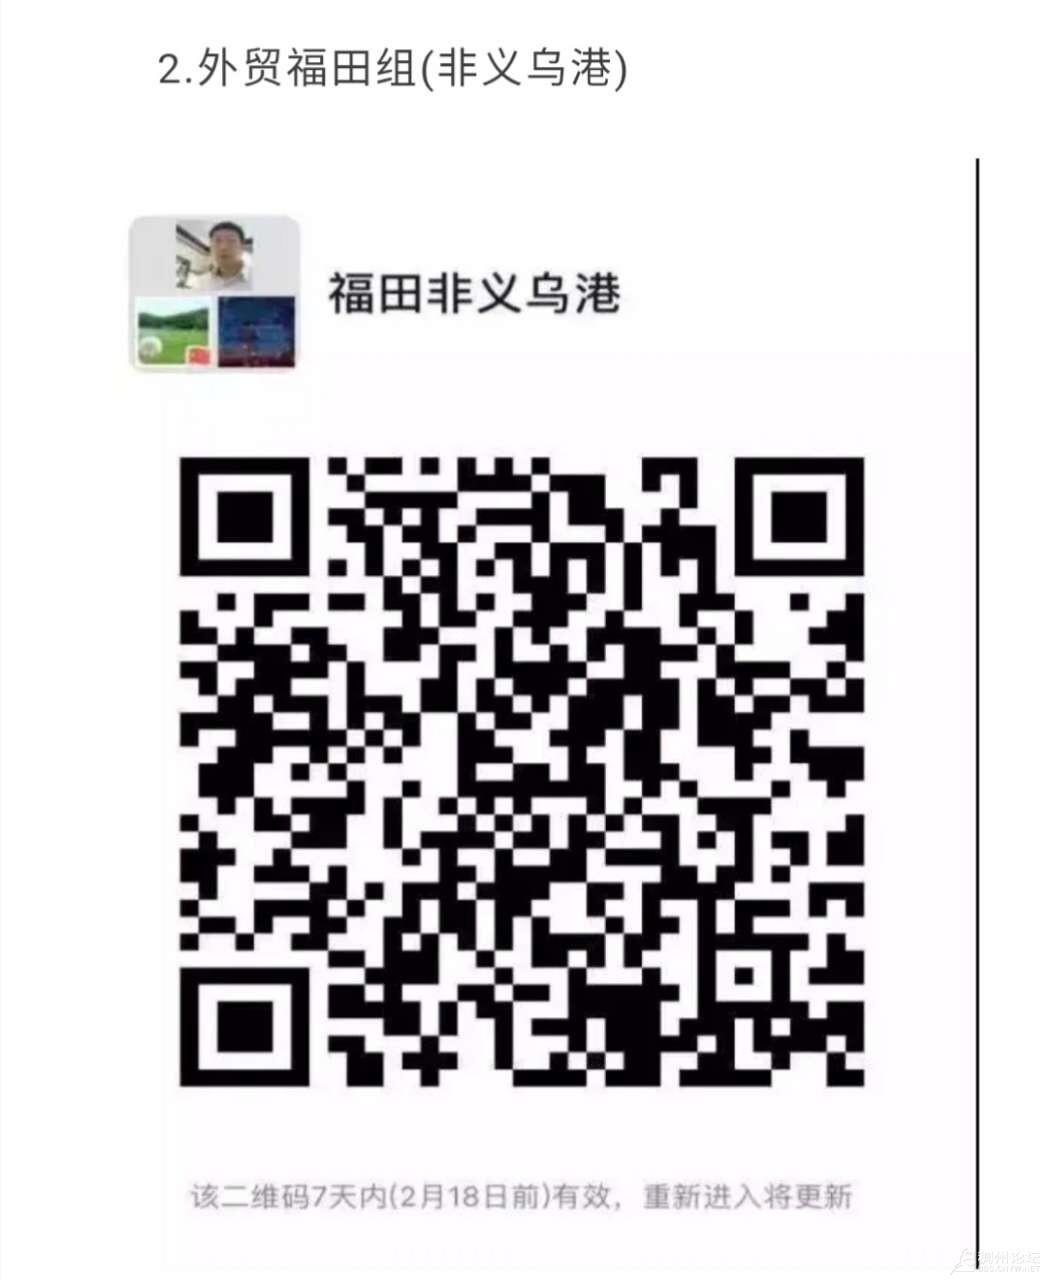 20200214_184018_1581657600126.jpg